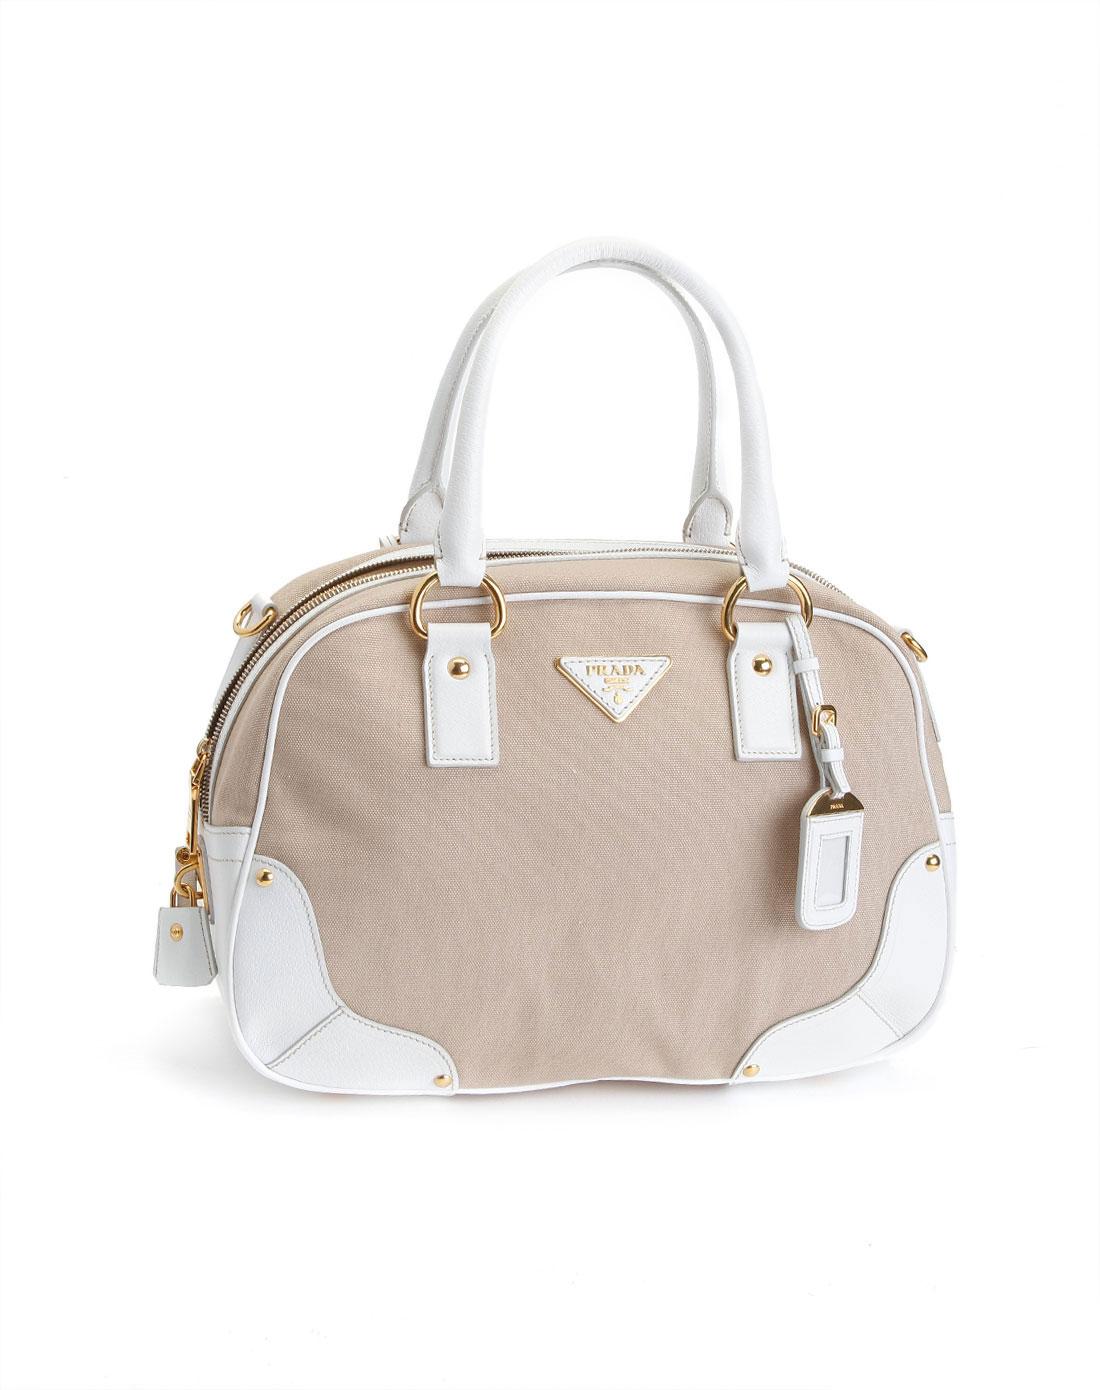 prada女款浅啡/白色休闲手提包